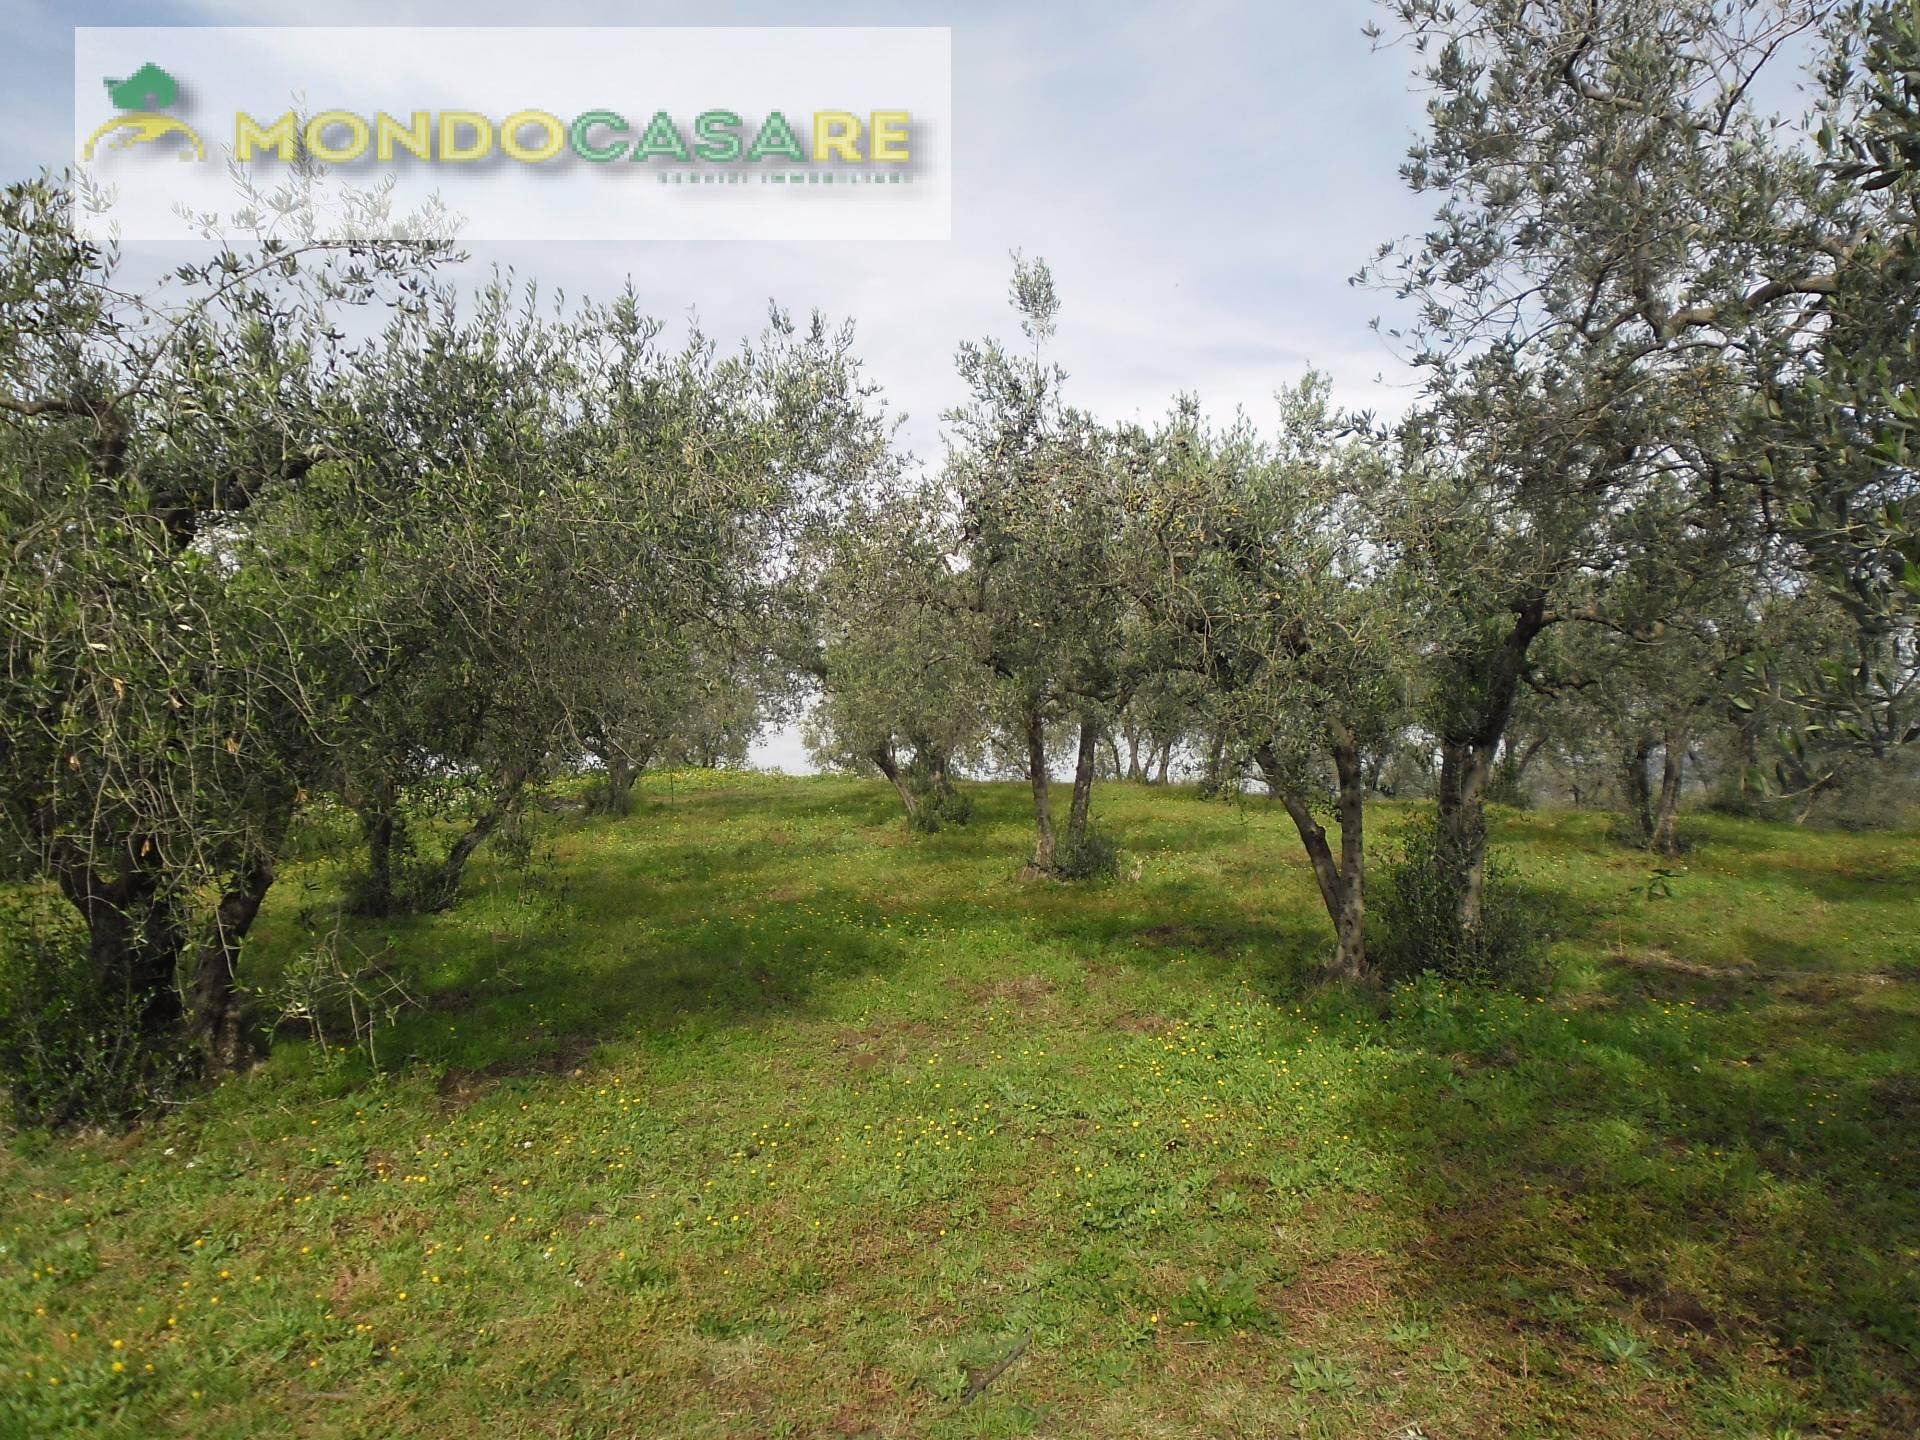 Terreno Agricolo in vendita a Moricone, 9999 locali, prezzo € 11.500 | CambioCasa.it